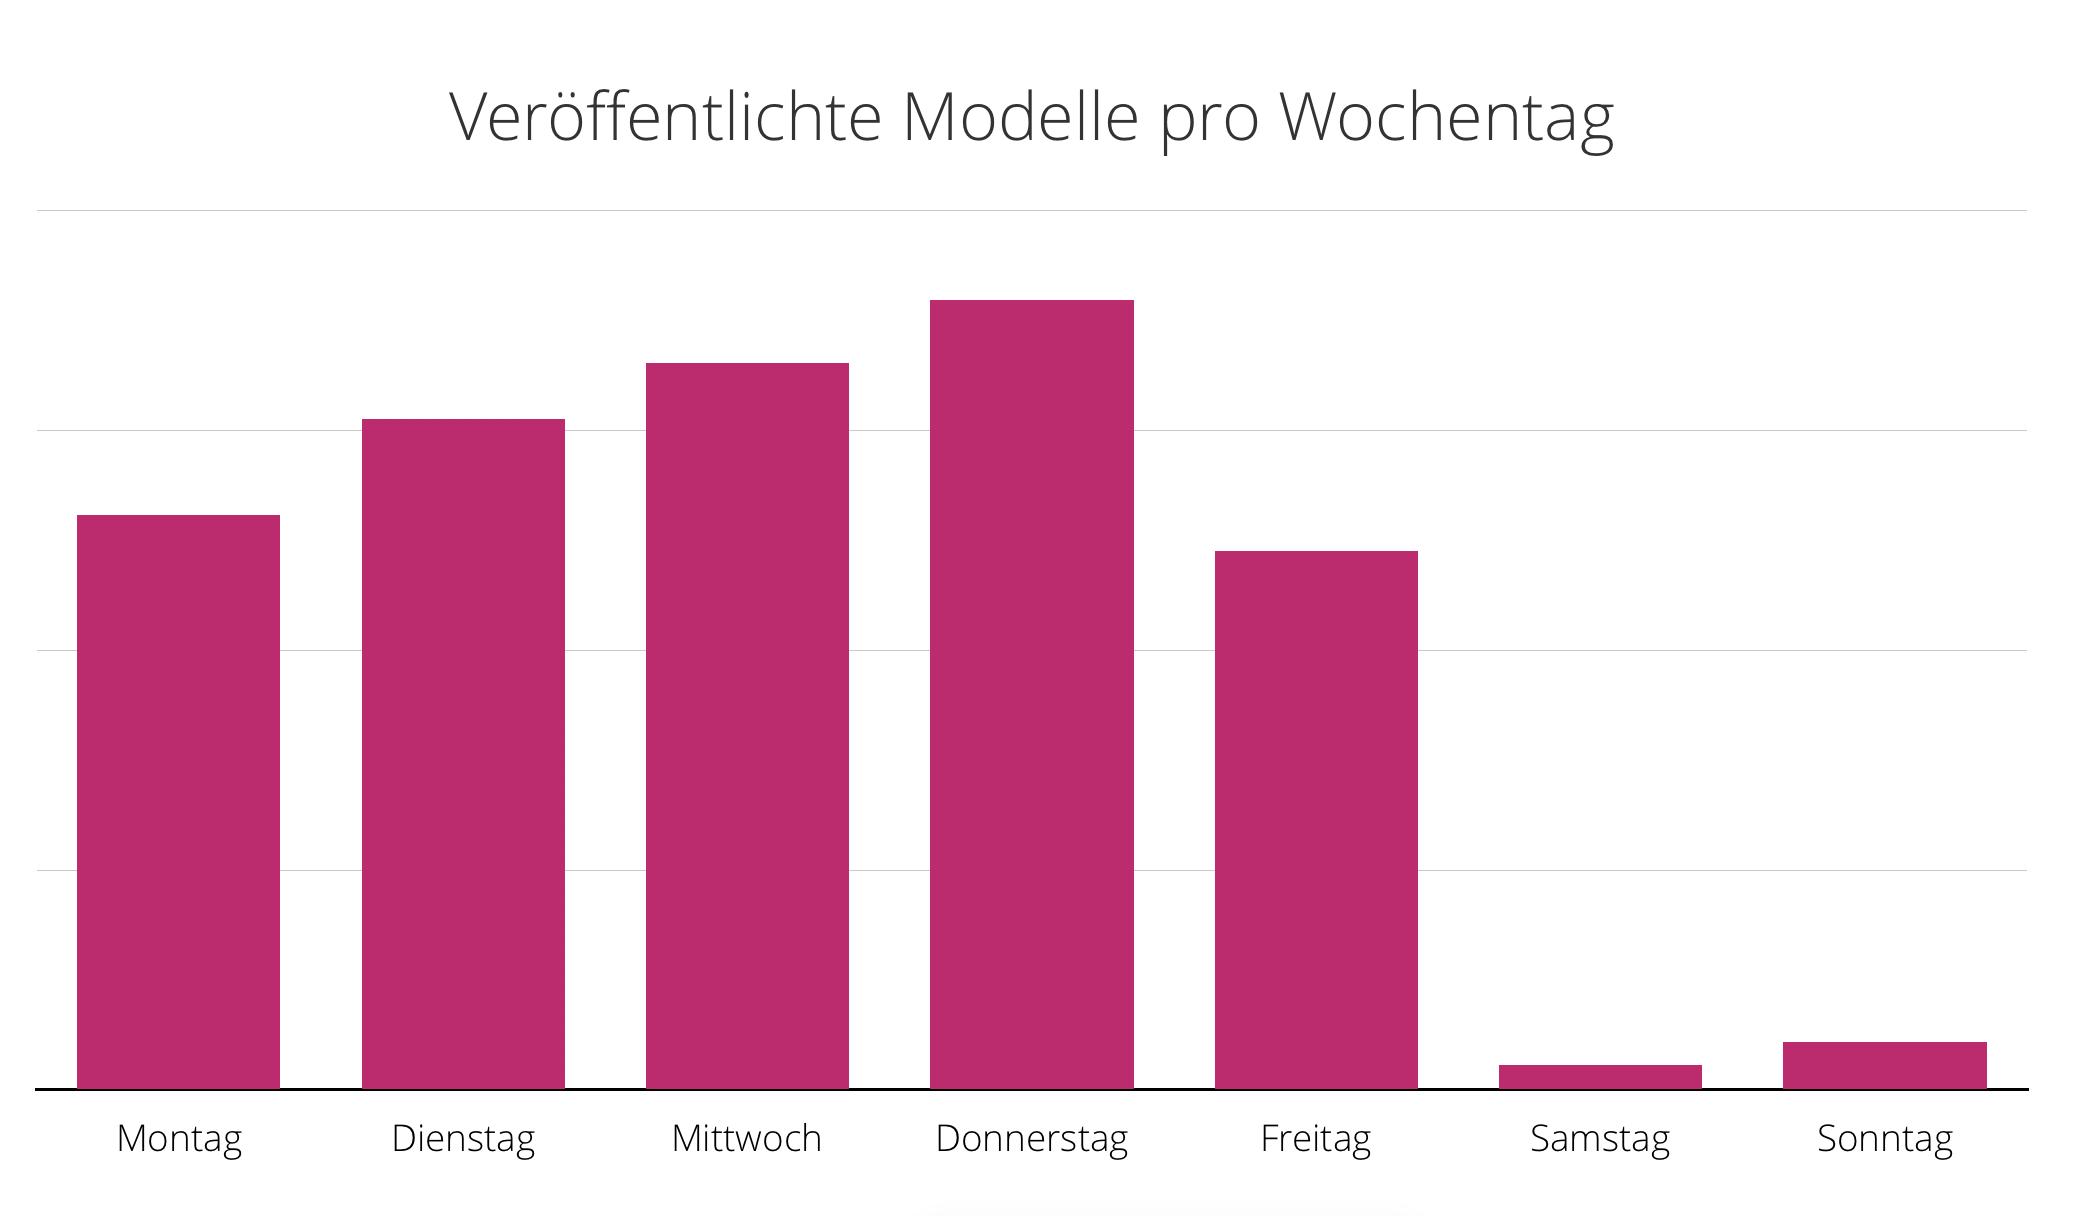 Balkendiagramm: Veroeffentlichte Modelle pro Wochentag